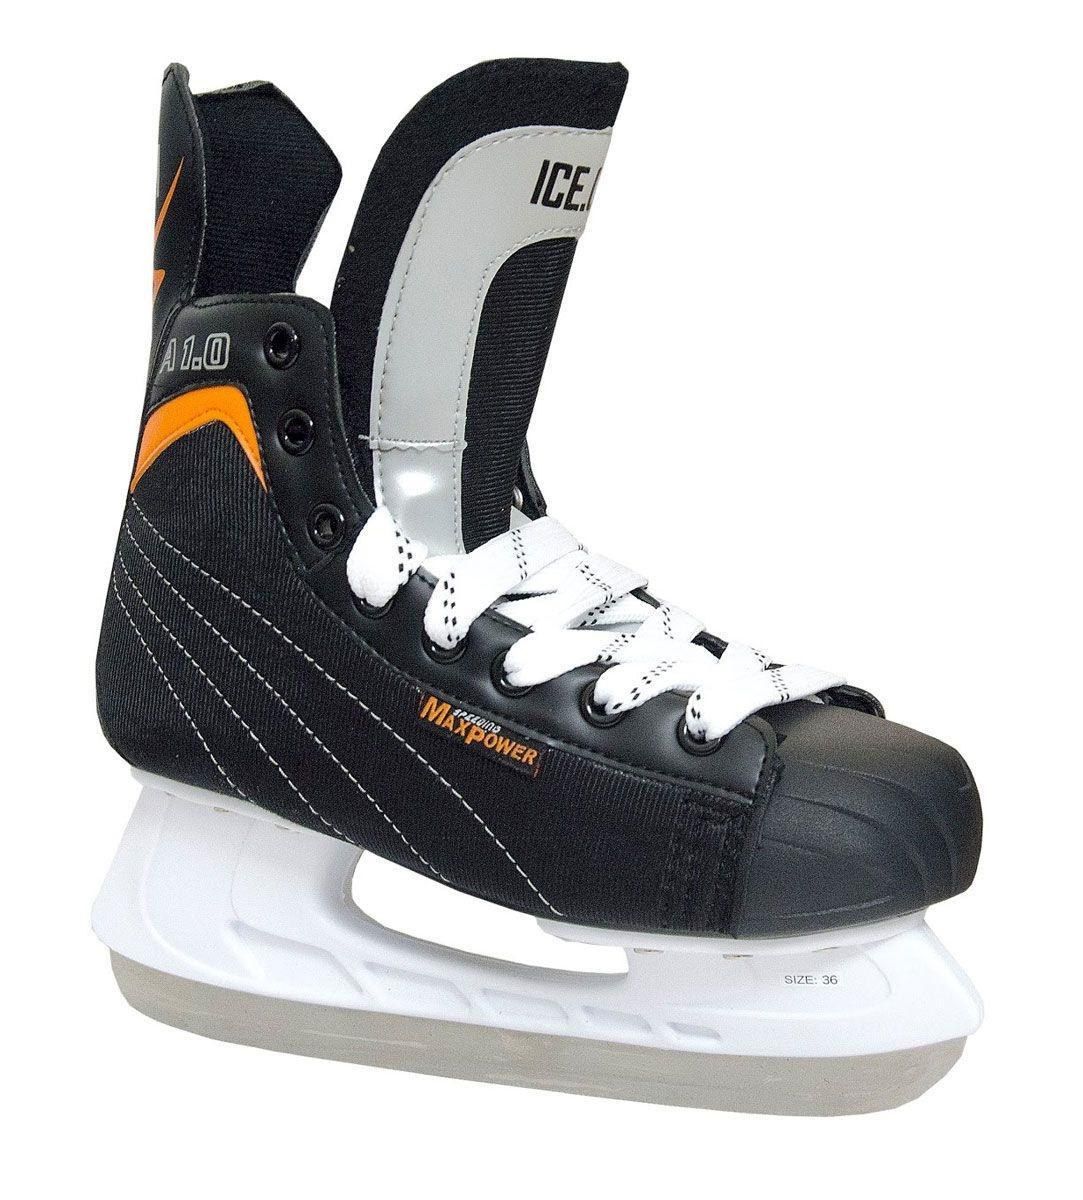 Коньки хоккейные Ice.Com A 1.0 2014, цвет: черный, оранжевый. Размер 43Atemi Force 3.0 2012 Black-GrayКоньки A 1.0 предназначены для игры в хоккей. Верх ботинка выполнен из морозостойкой искусственной кожи и нейлона. Мысок - морозостойкий ударопрочный PU, подошва - морозостойкий ПВХ. Толстый войлочный язык. Удобный высокий ботинок с широкой анатомической колодкой позволяет надежно фиксировать голеностоп.Для того, чтобы Вам максимально точно подобрать размер коньков, узнайте длину стопы с точностью до миллиметра. Для этого поставьте босую ногу на лист бумаги А4 и отметьте на бумаге самые крайние точки Вашей стопы (пятка и носок). Затем измерьте обычной линейкой расстояние (до миллиметра) между этими отметками на бумаге. Не забудьте учесть 2-3 мм запаса под носок.